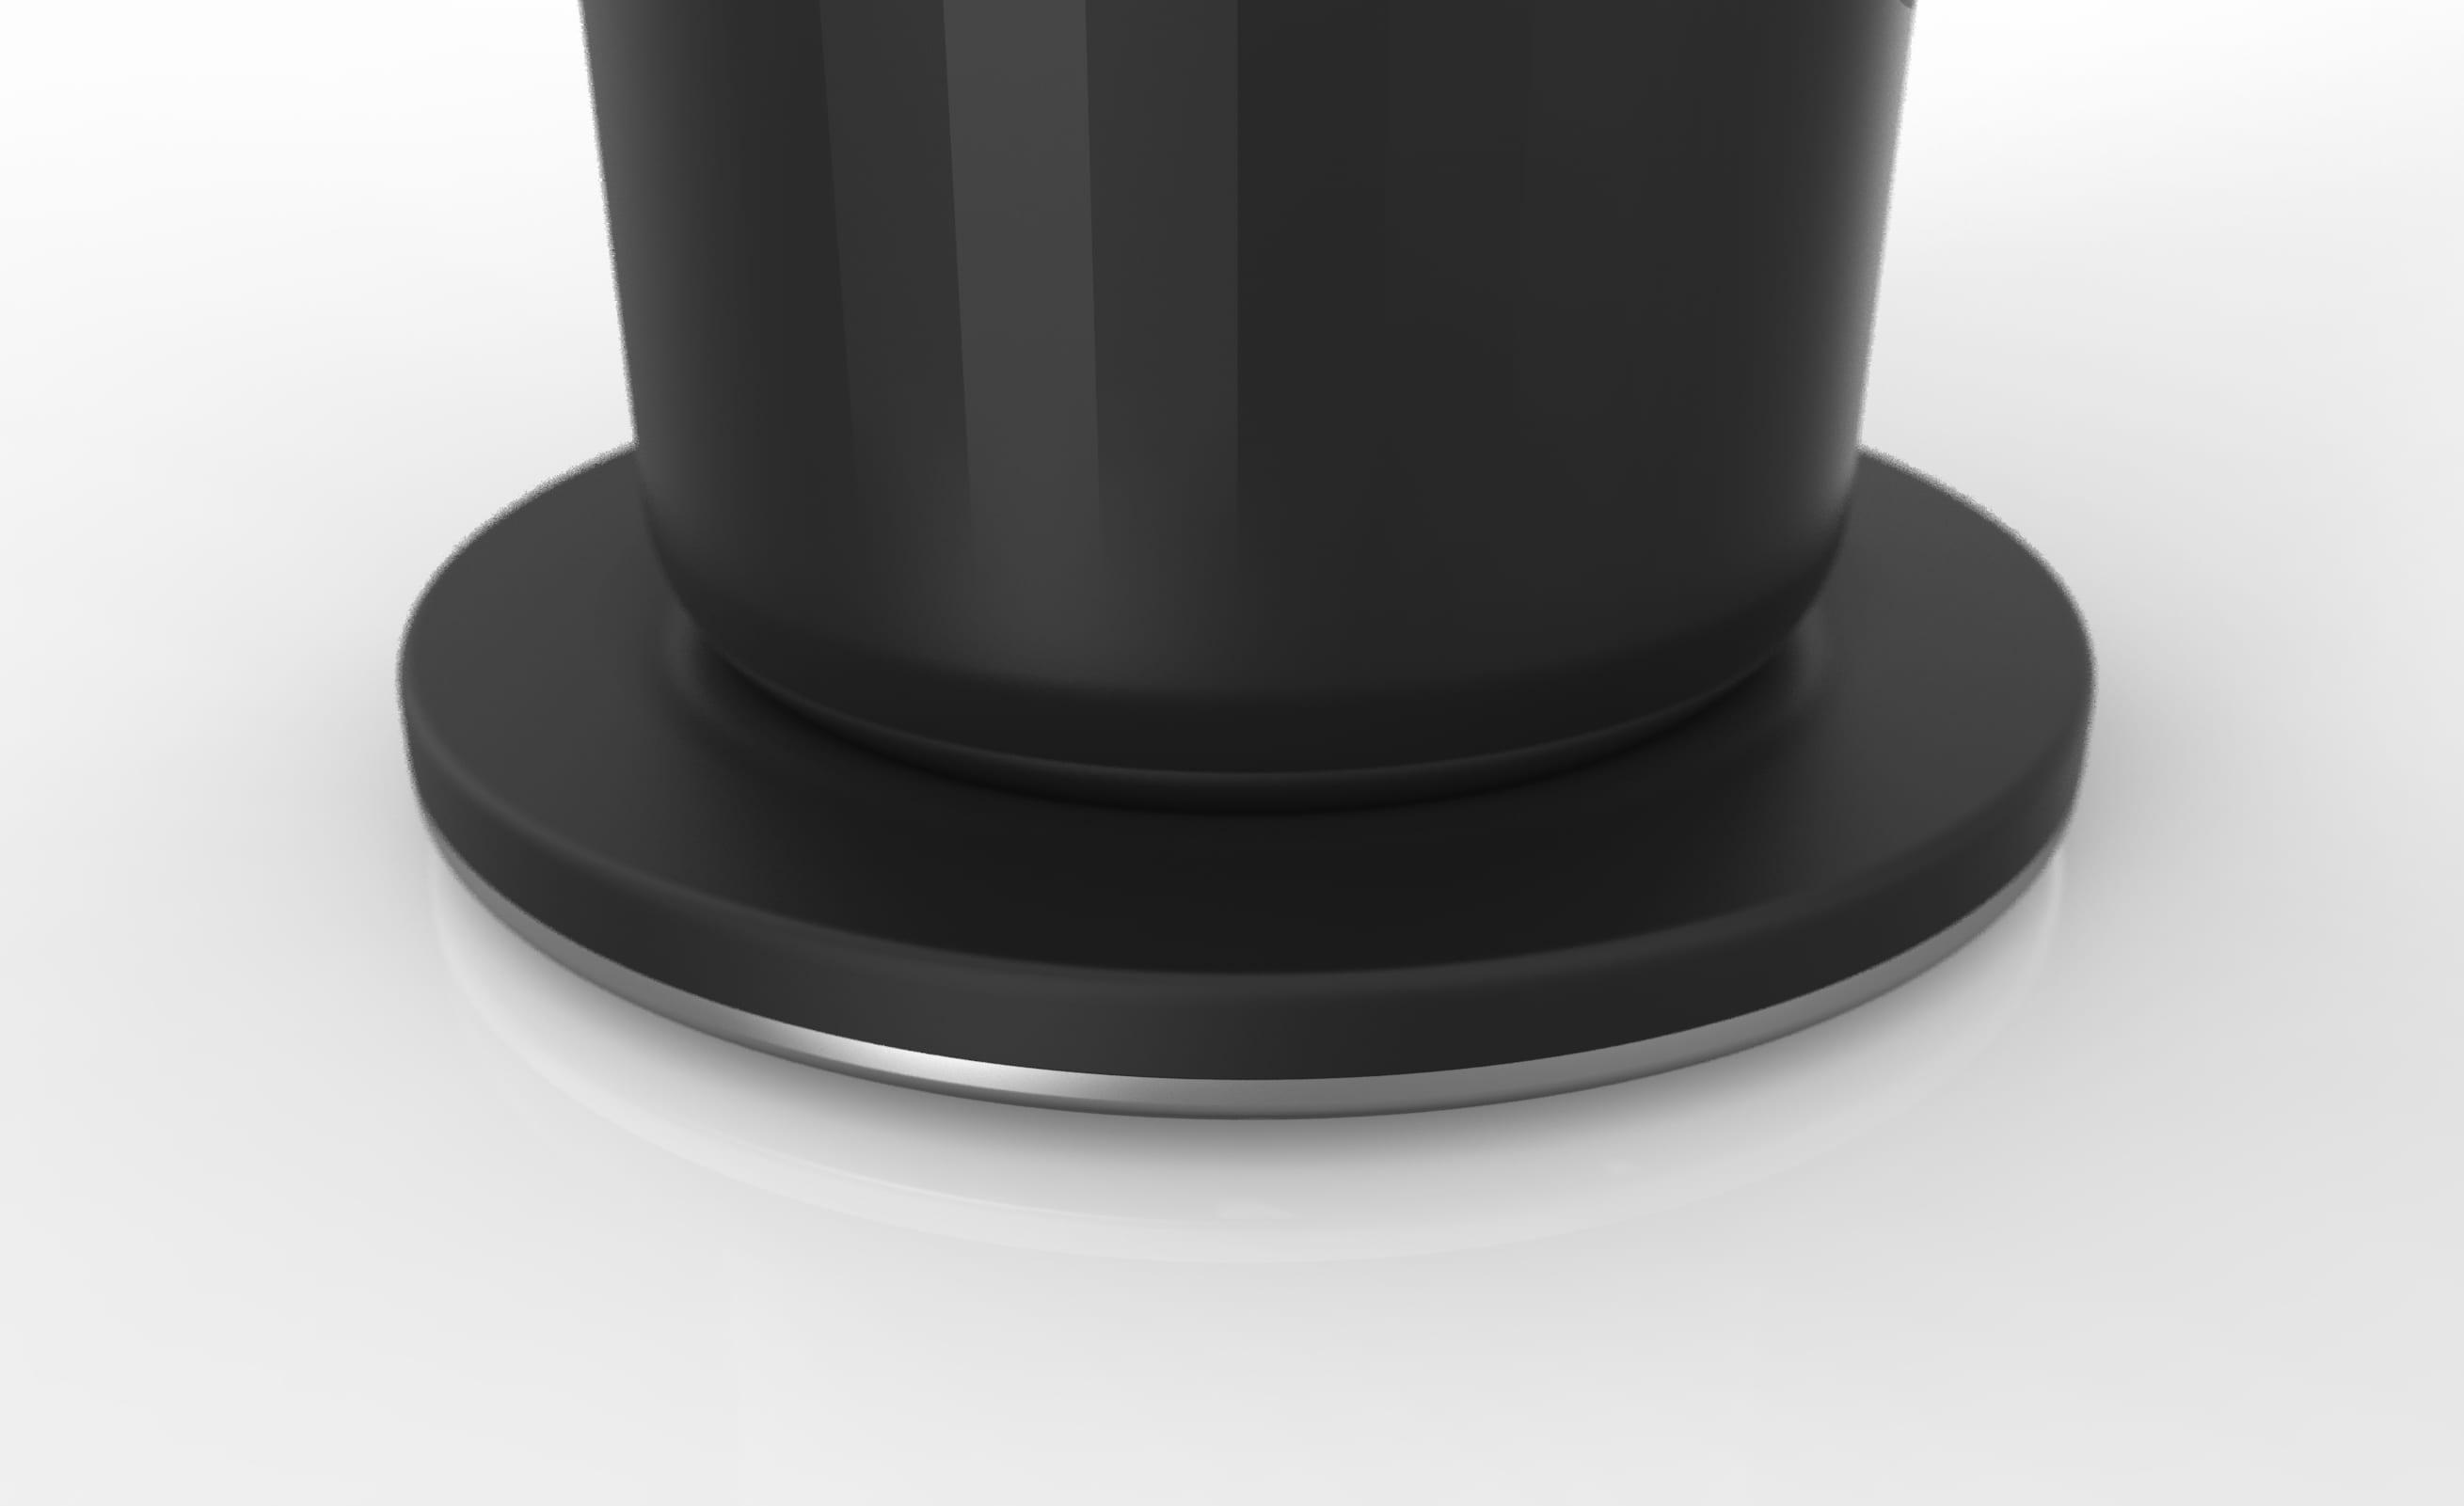 trinkbecher mit Sensor für analyse von inhaltstofe